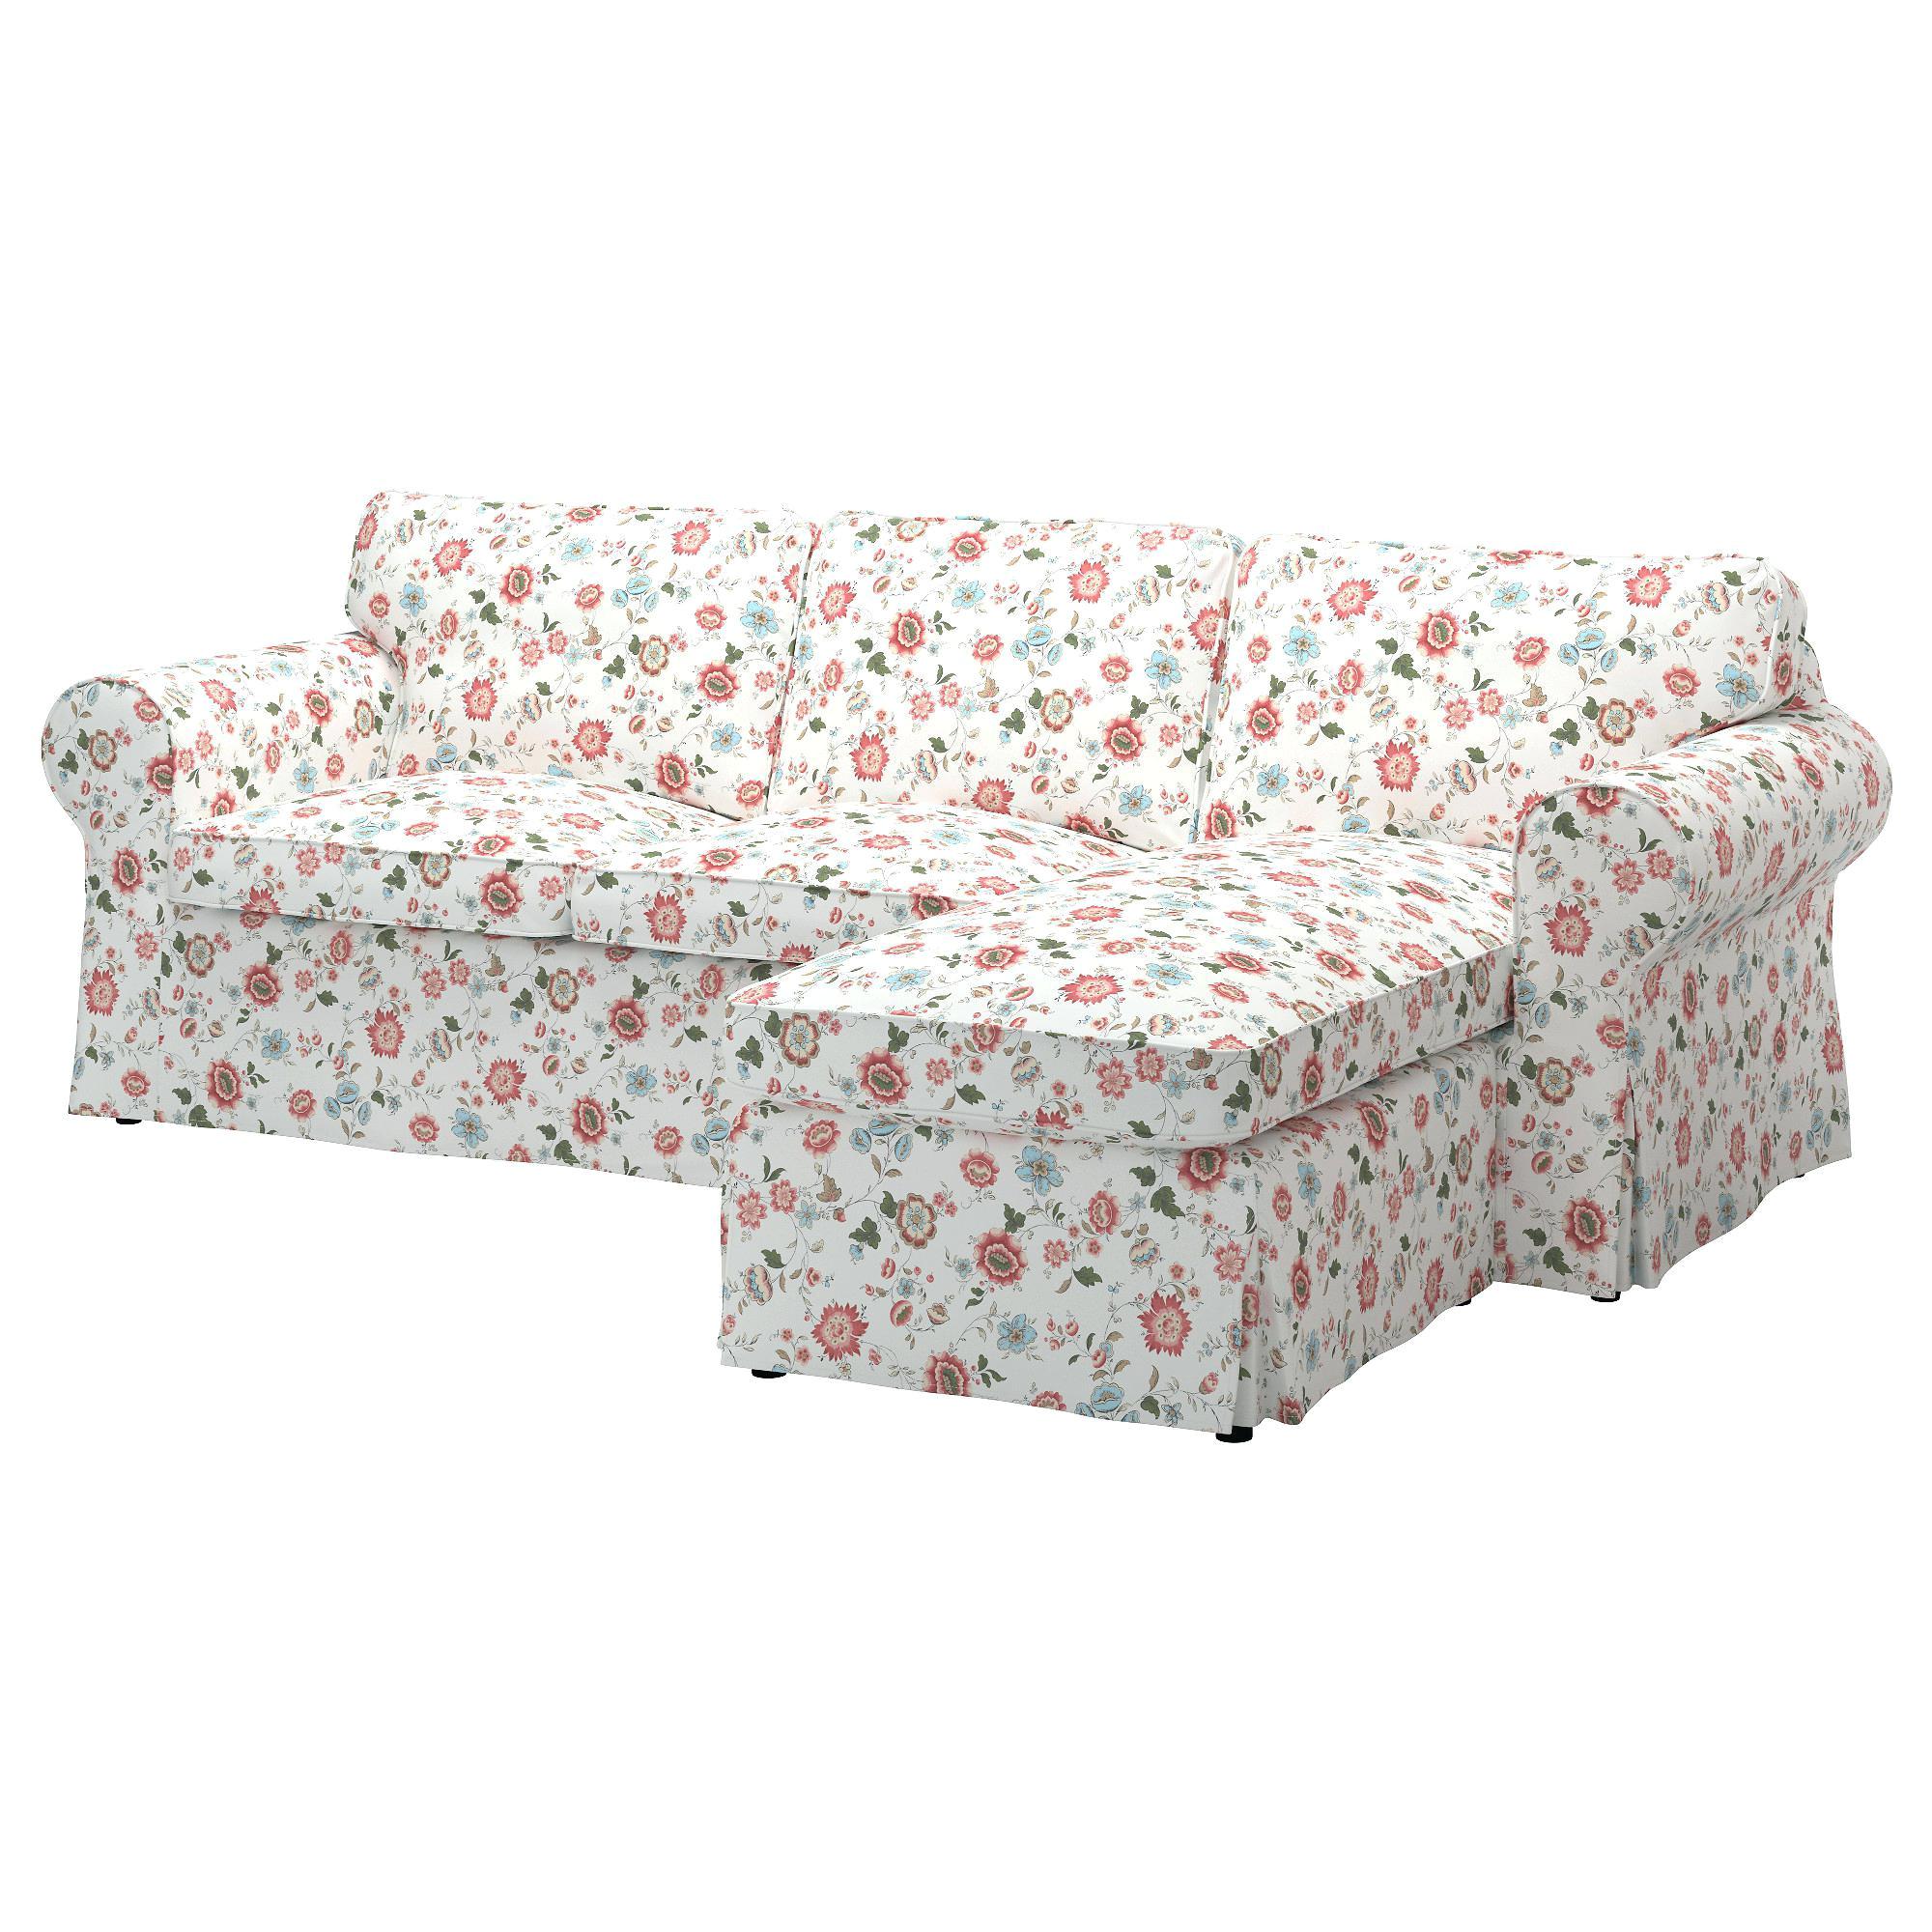 2er sofa ektorp und raccamiere videslund bunt jetzt bestellen unter ikea leder kaufen grau jpg